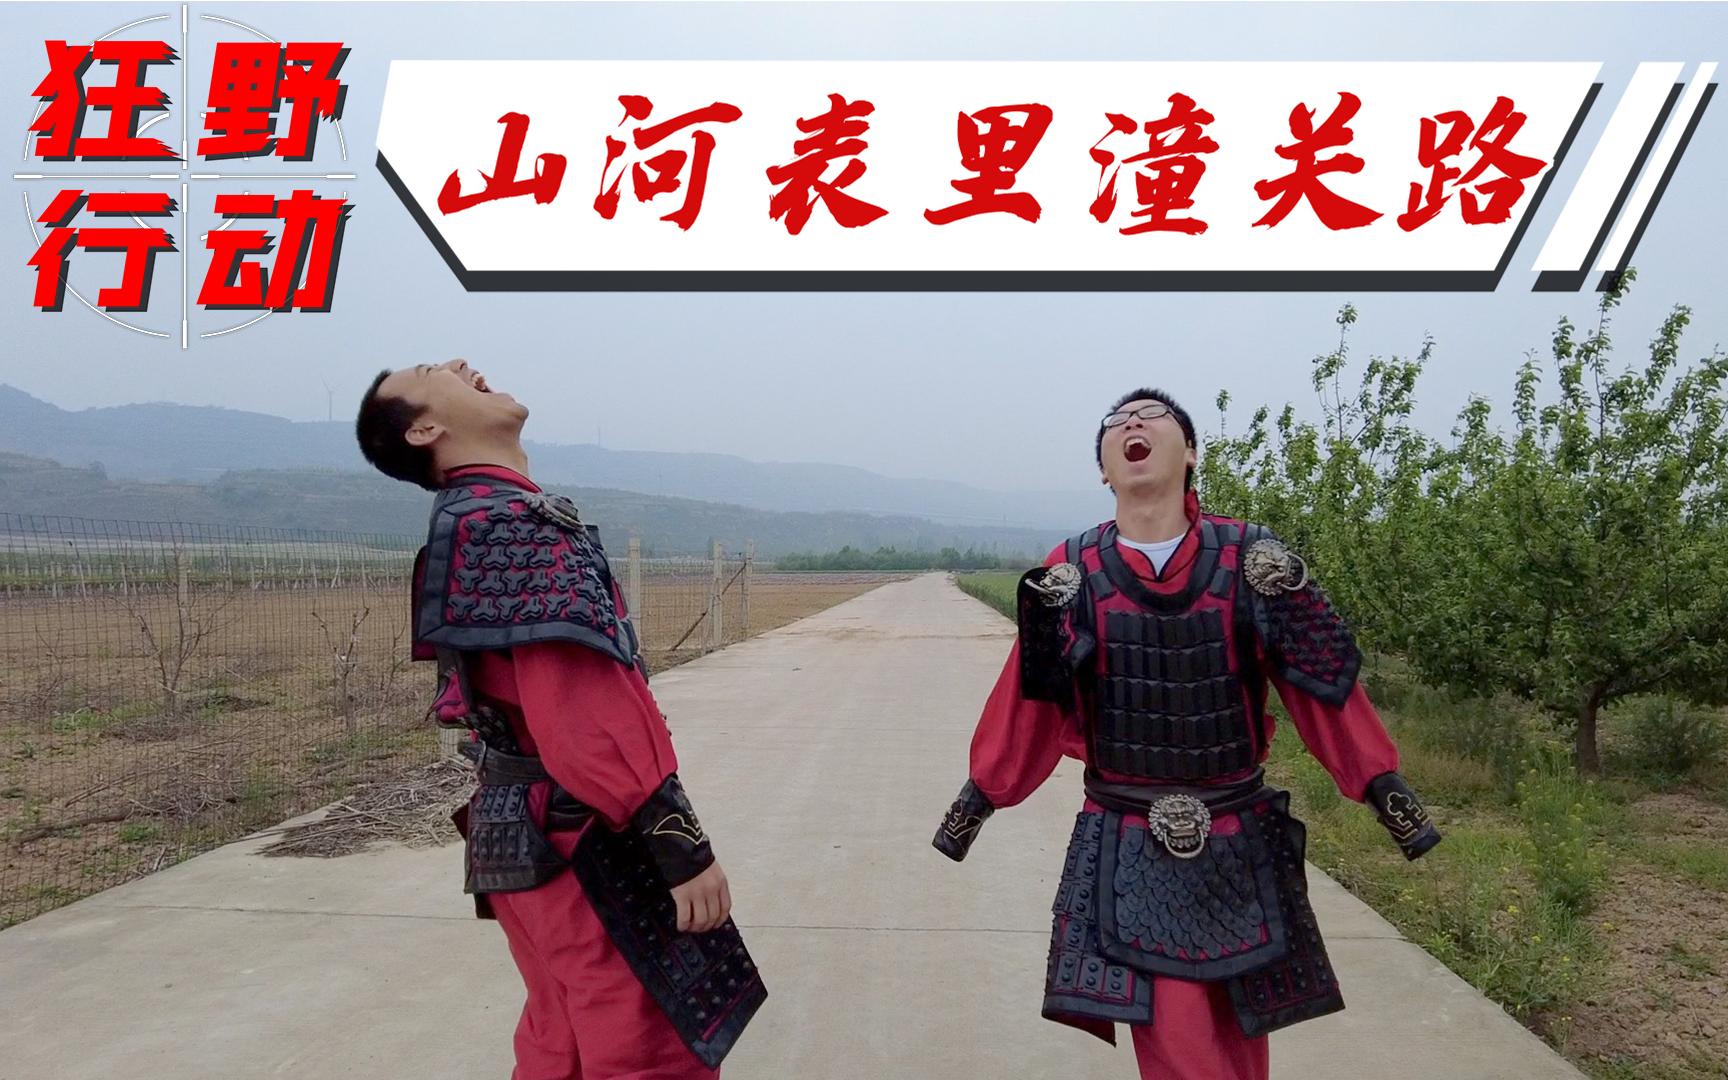 【狂野行动】古战场之旅 山河表里潼关路